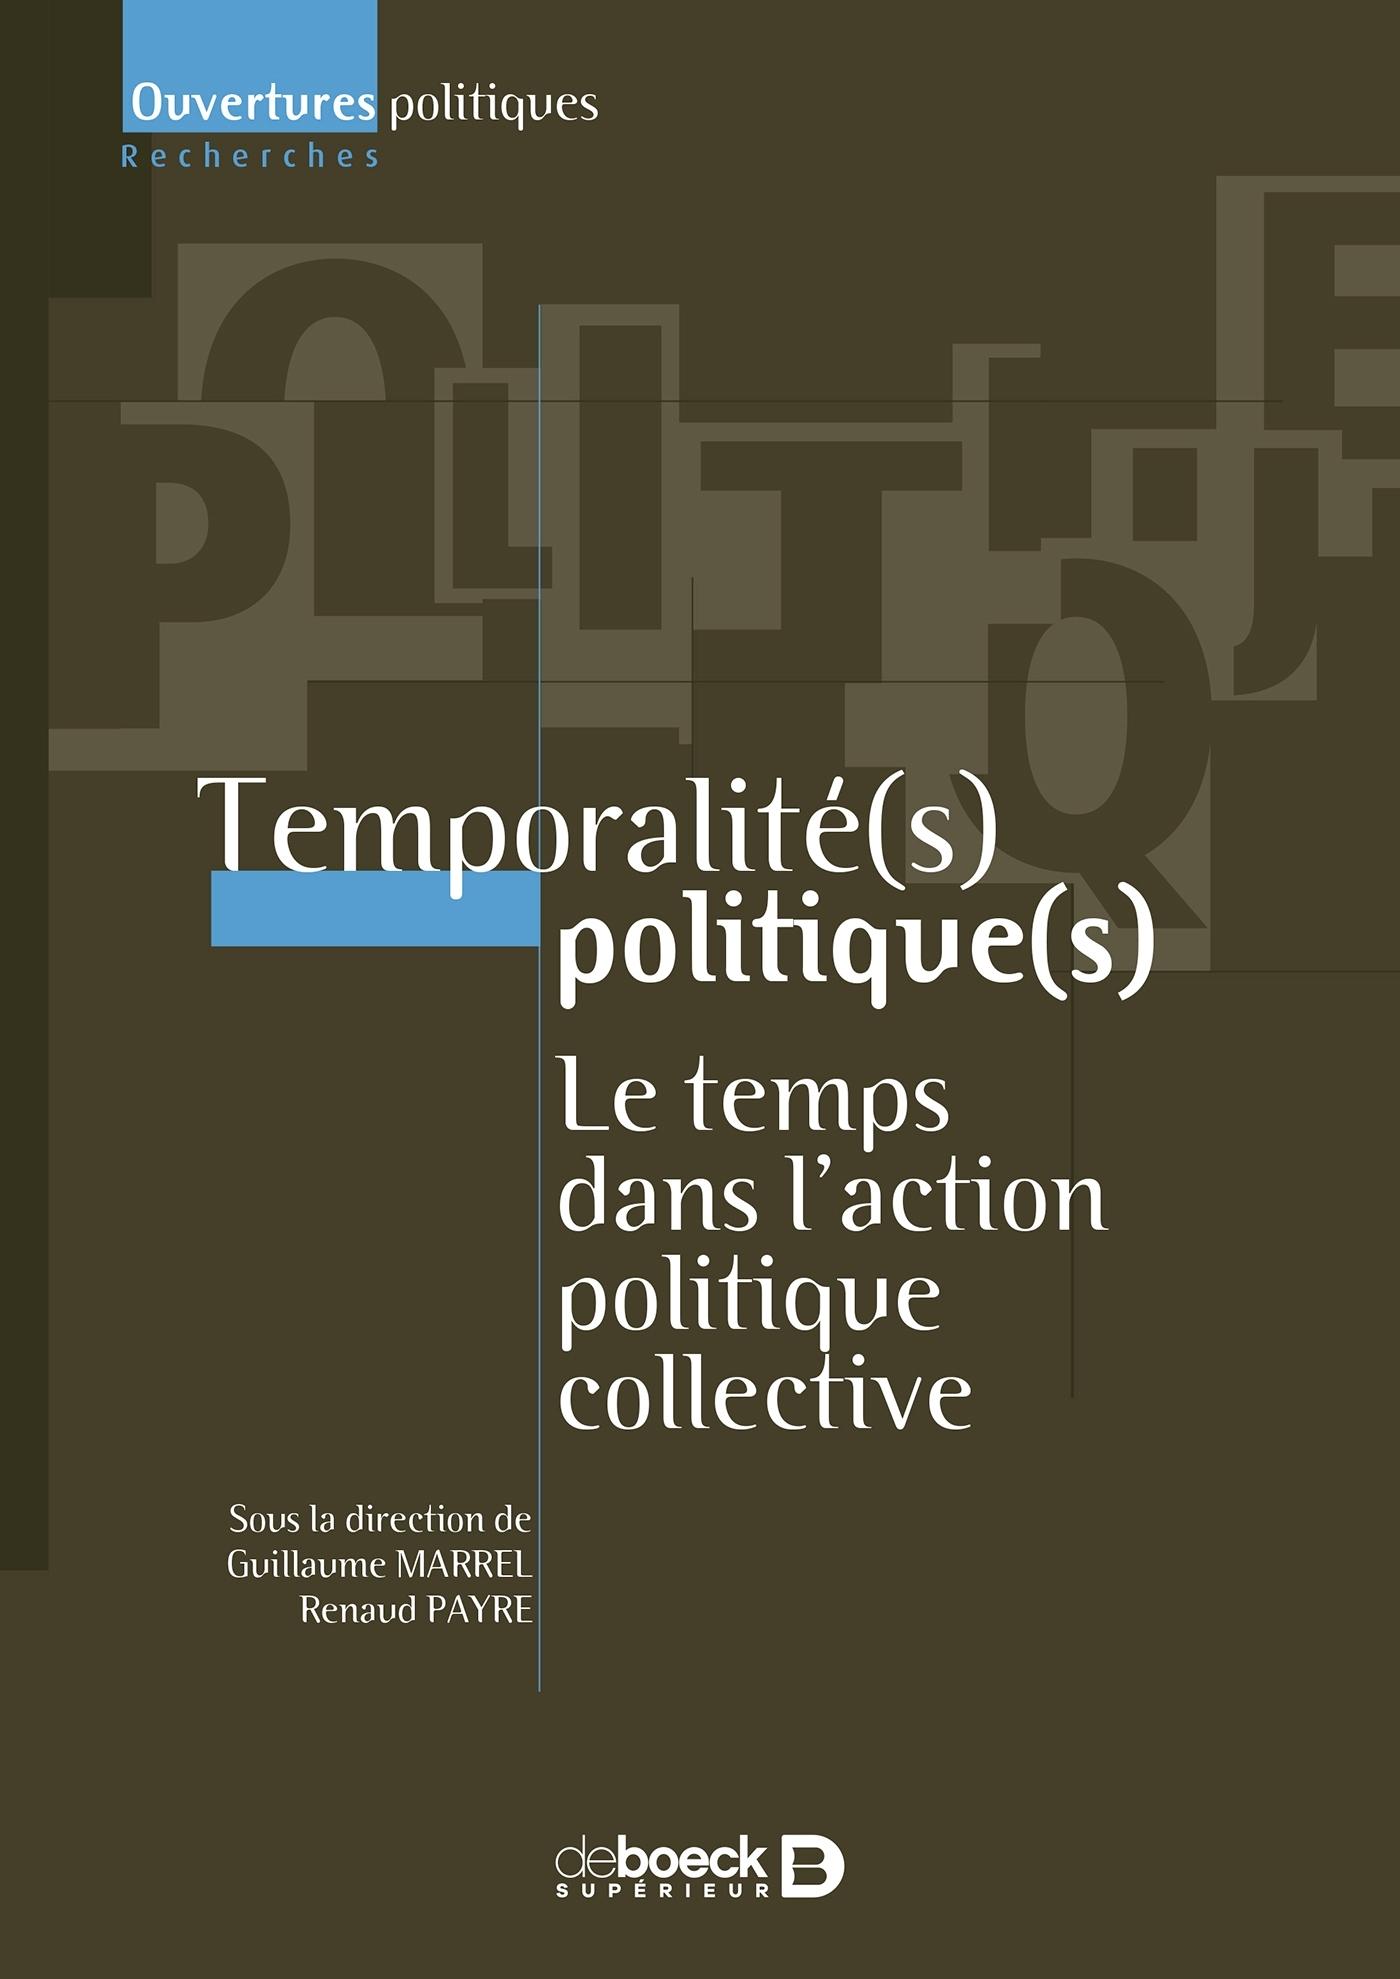 Temporalité(s) politique(s)